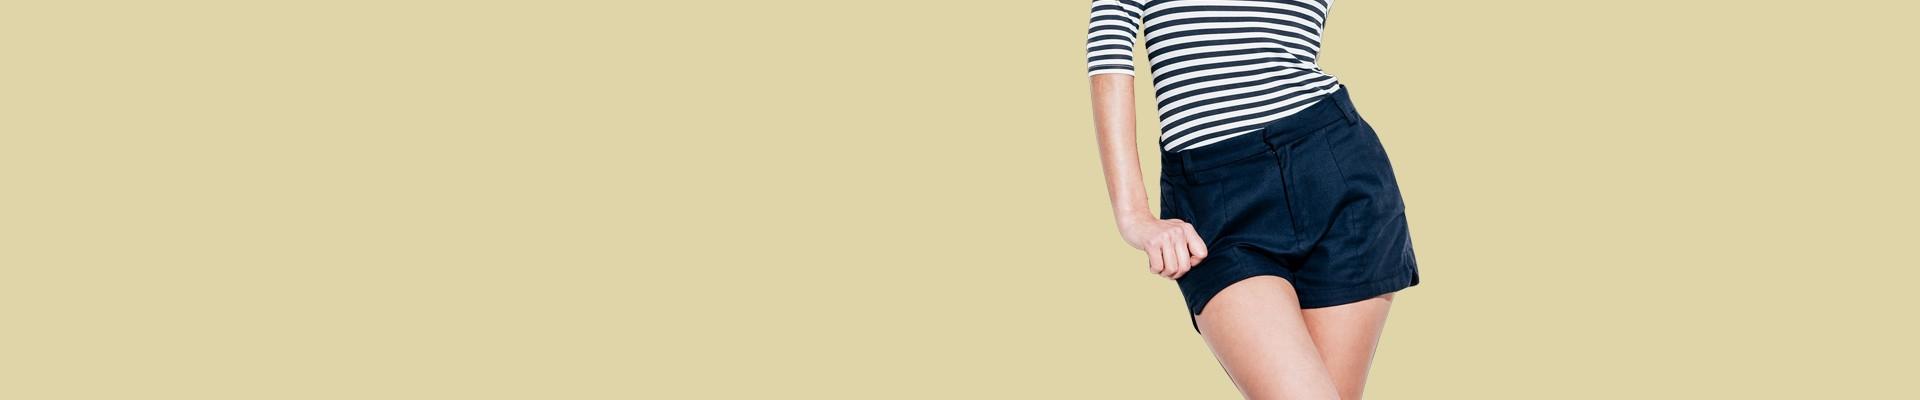 Jual Celana Hot Pants Wanita dari Harga Termurah